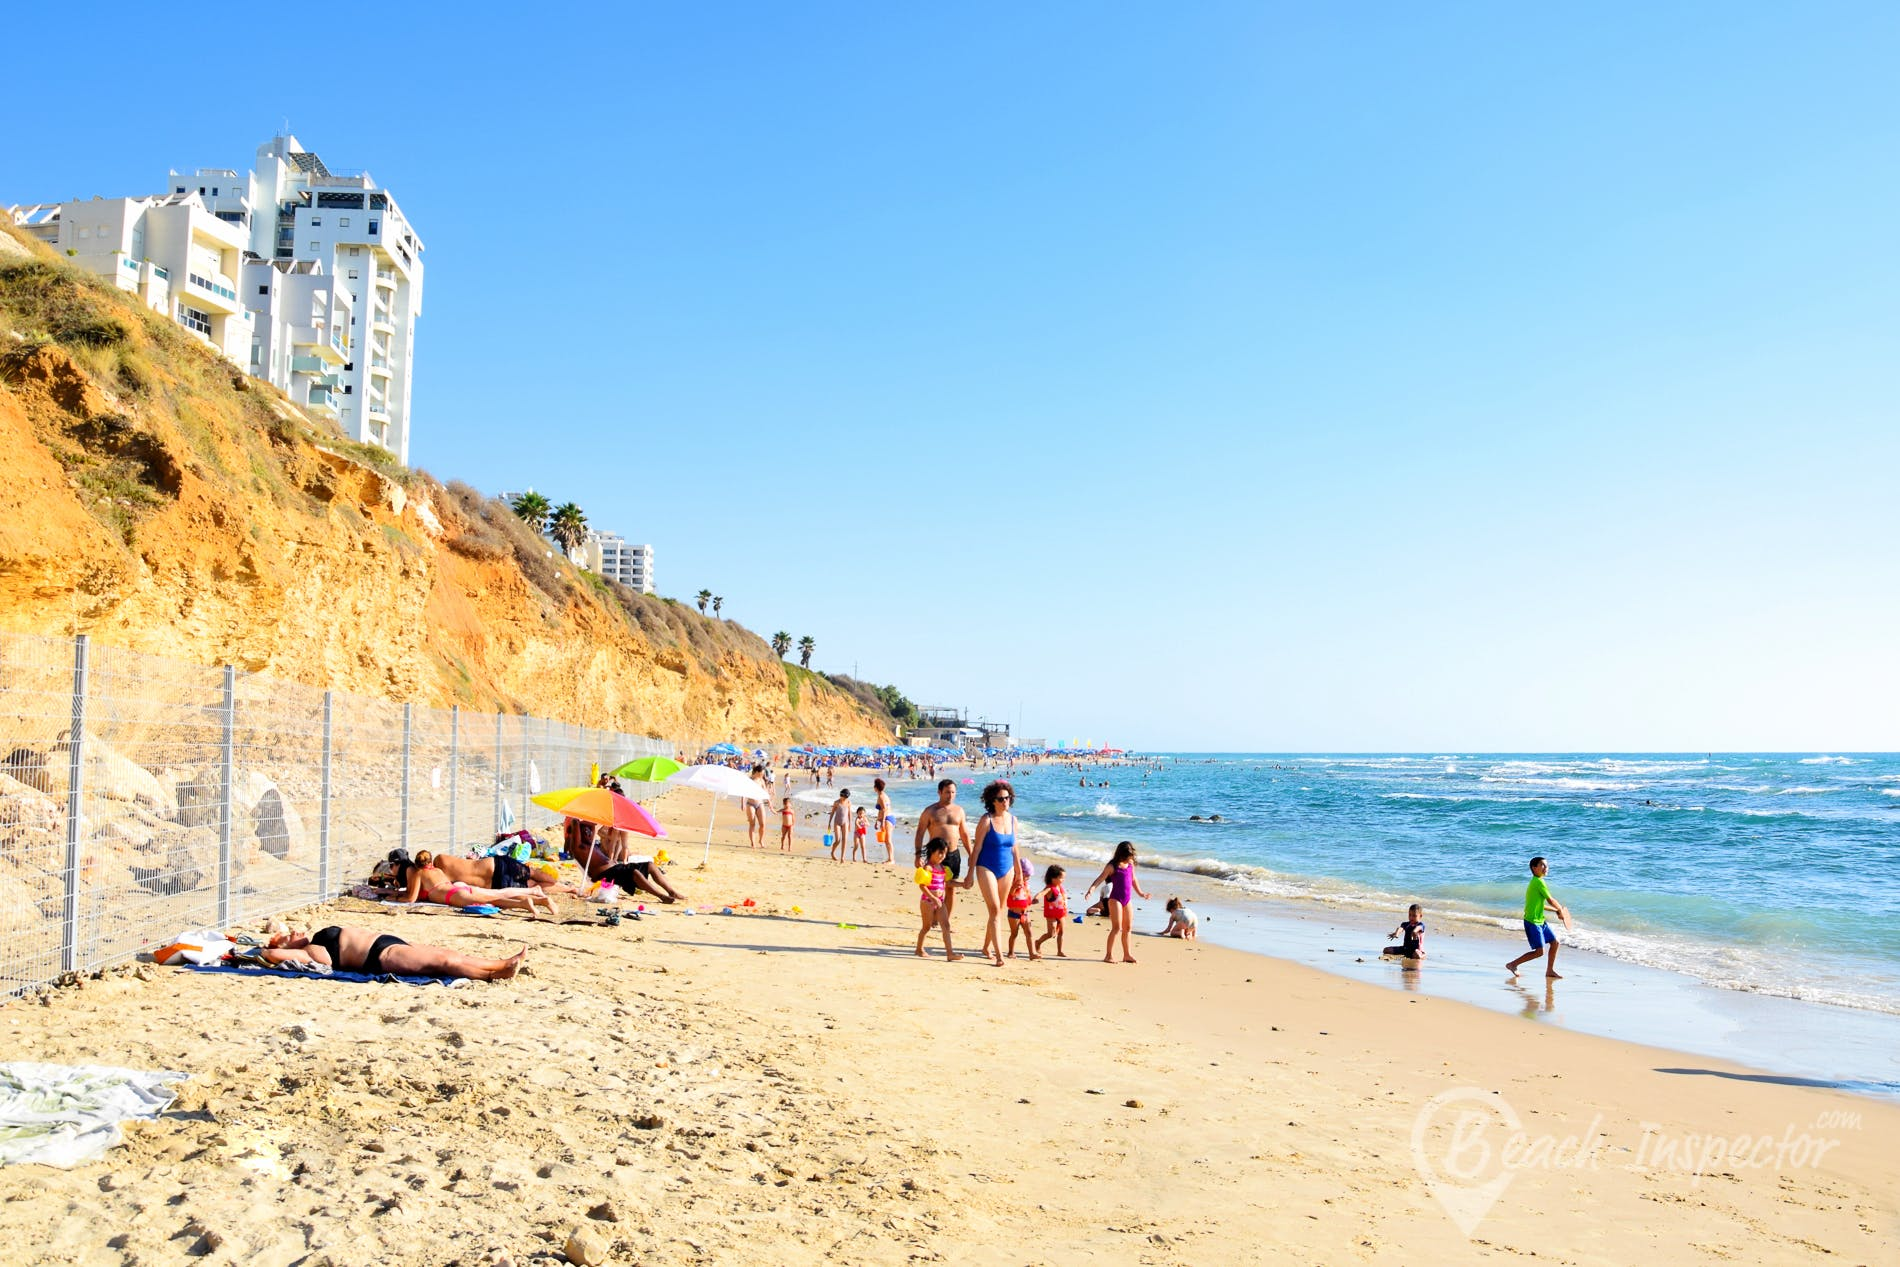 Playa Givat Aliyah Beach, Israel, Israel